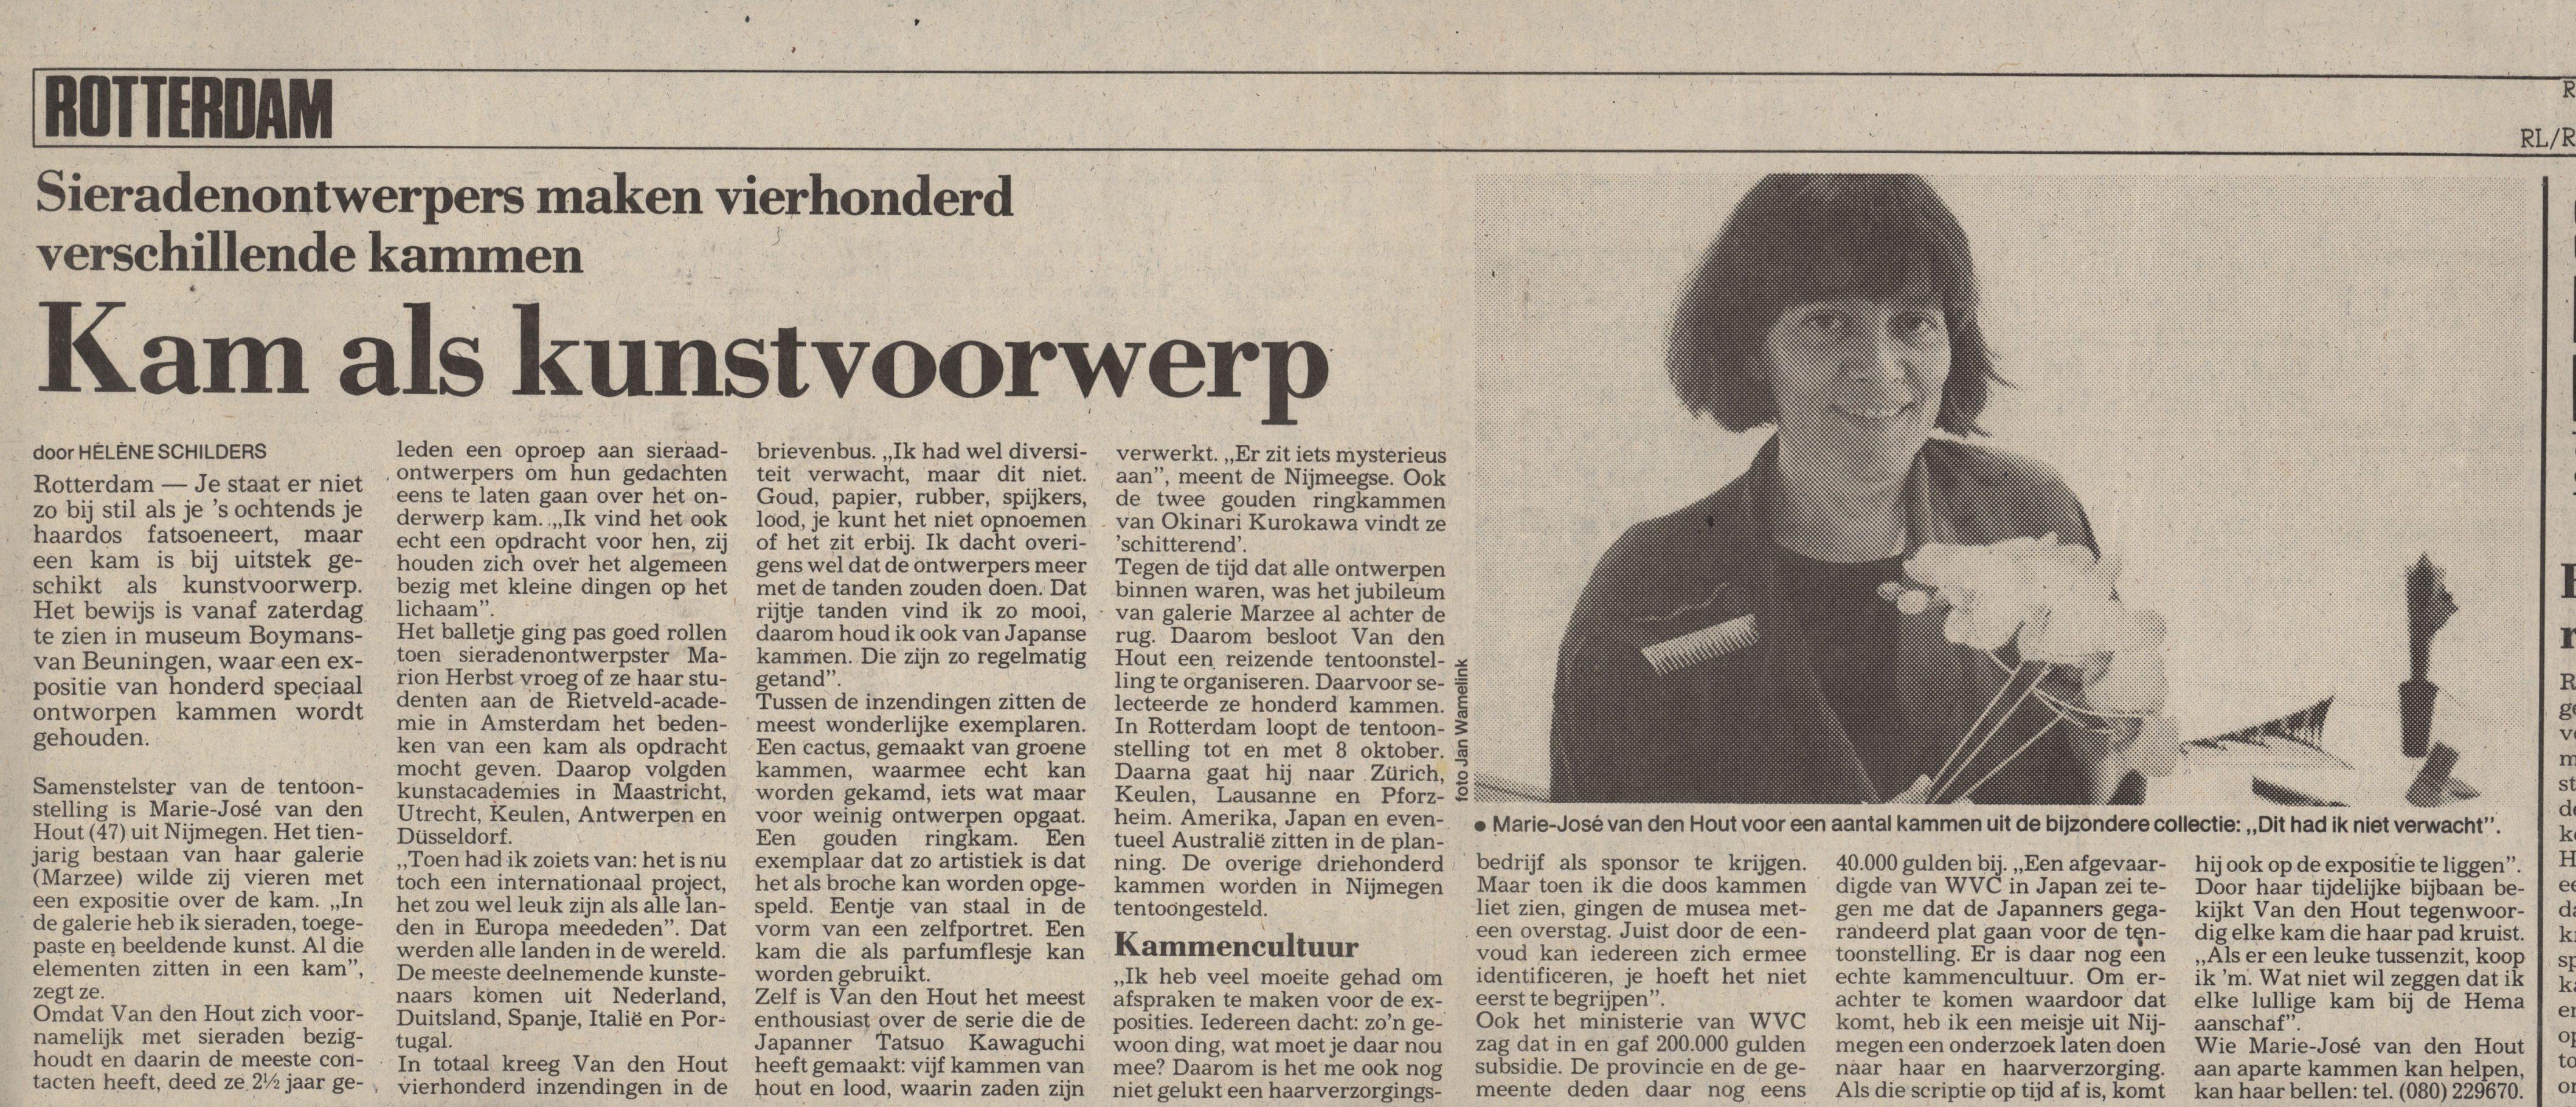 Kam als kunstvoorwerp, Rotterdams Nieuwsblad, 1989, krant, Marie-José van den Hout, portret, Gijs Bakker